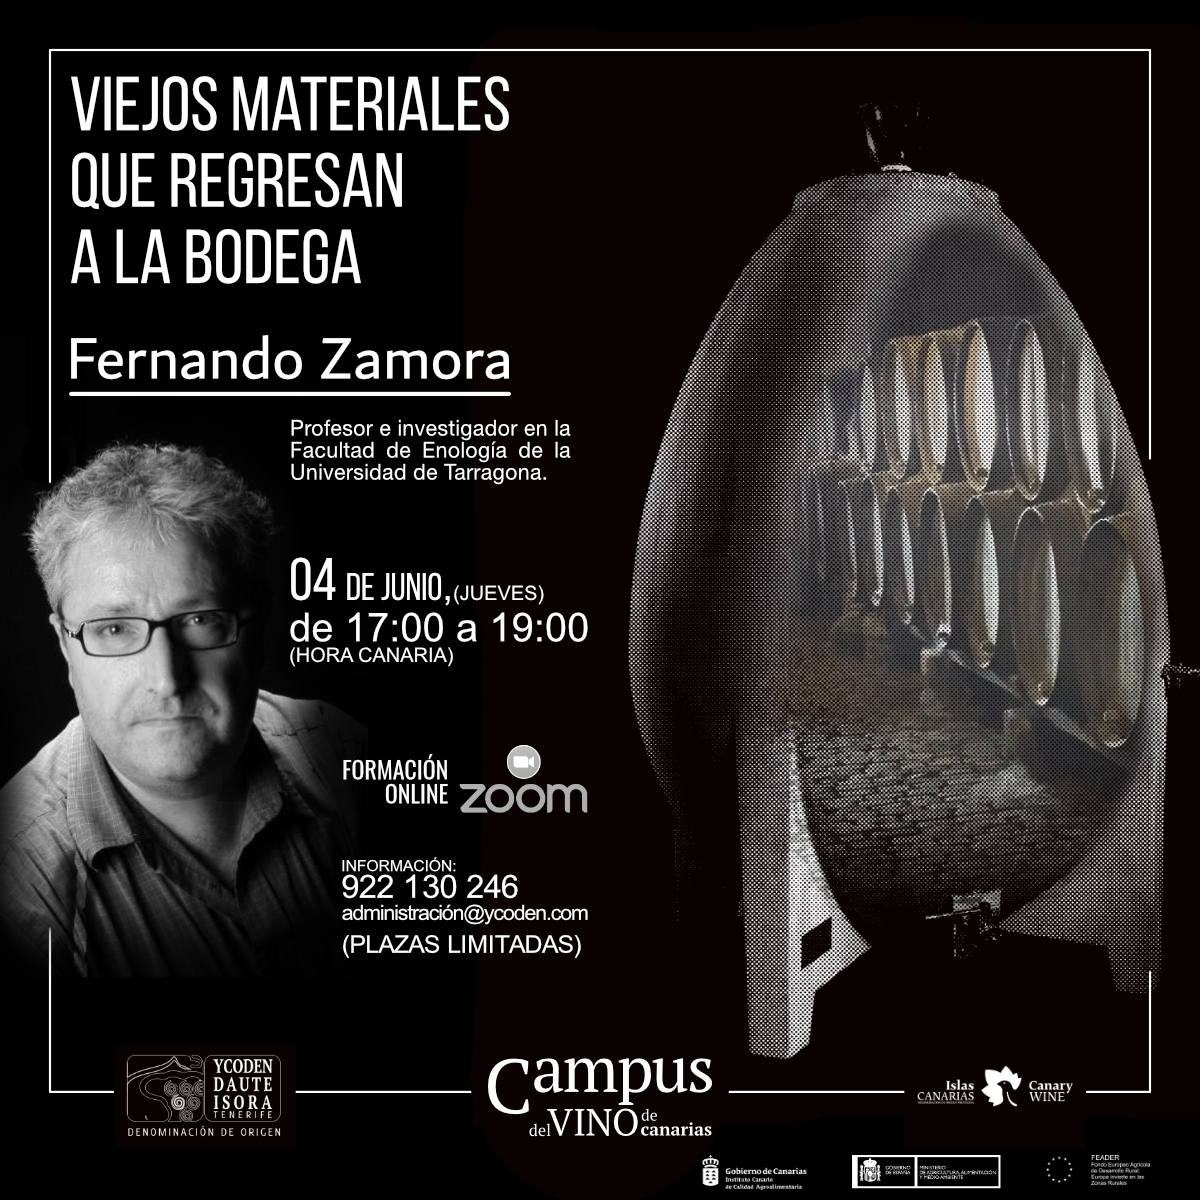 Viejos materiales que regresan a la bodega, nuevo curso del Campus del Vino de Canarias